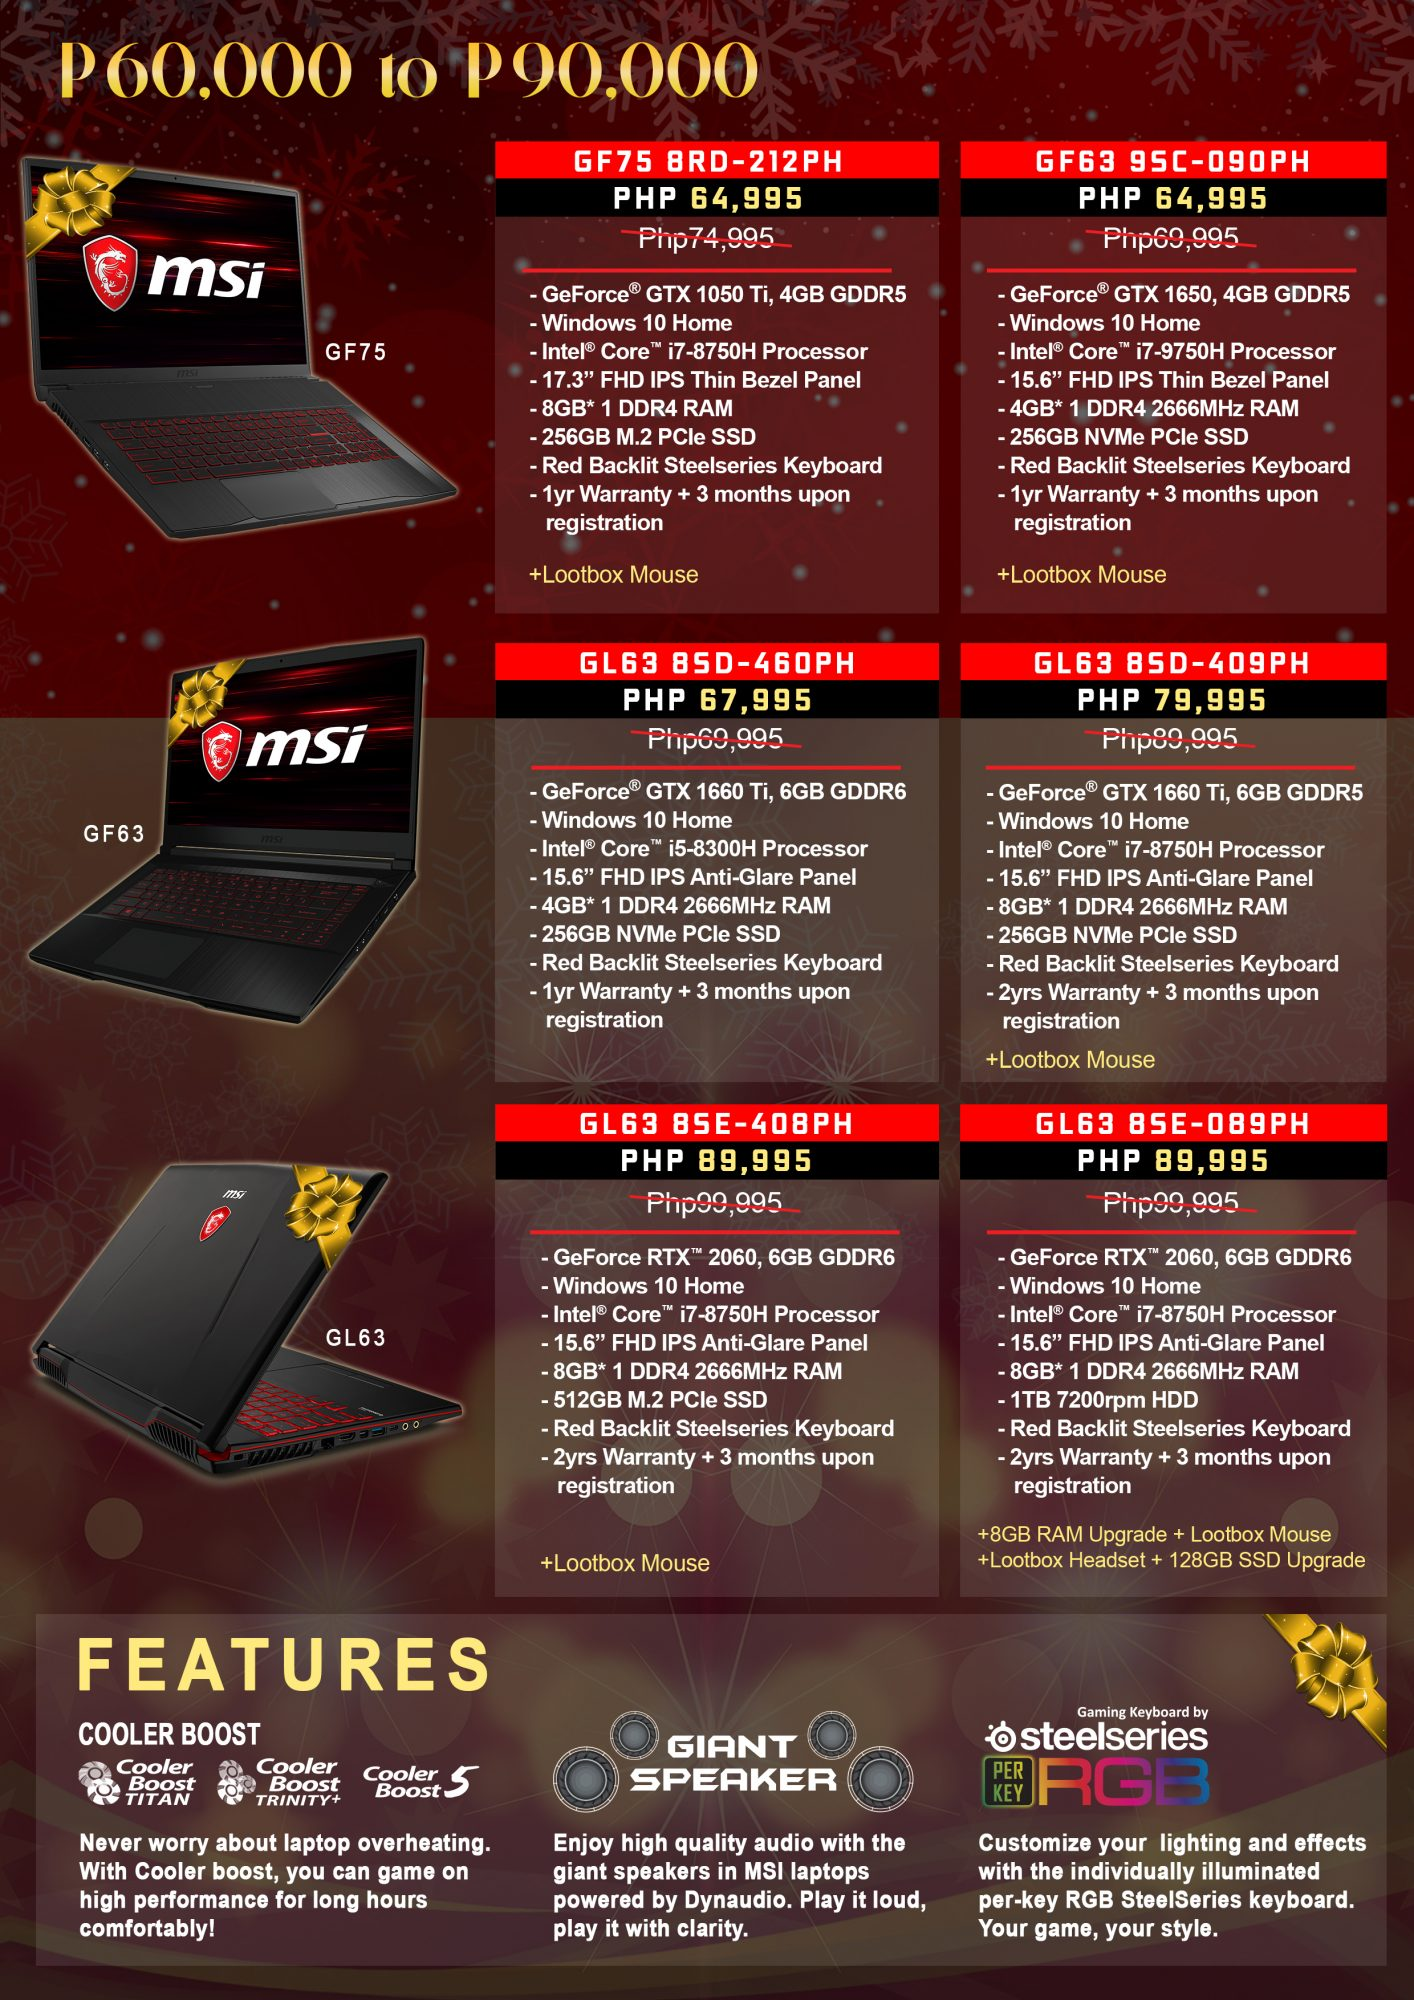 MSI Promo 3